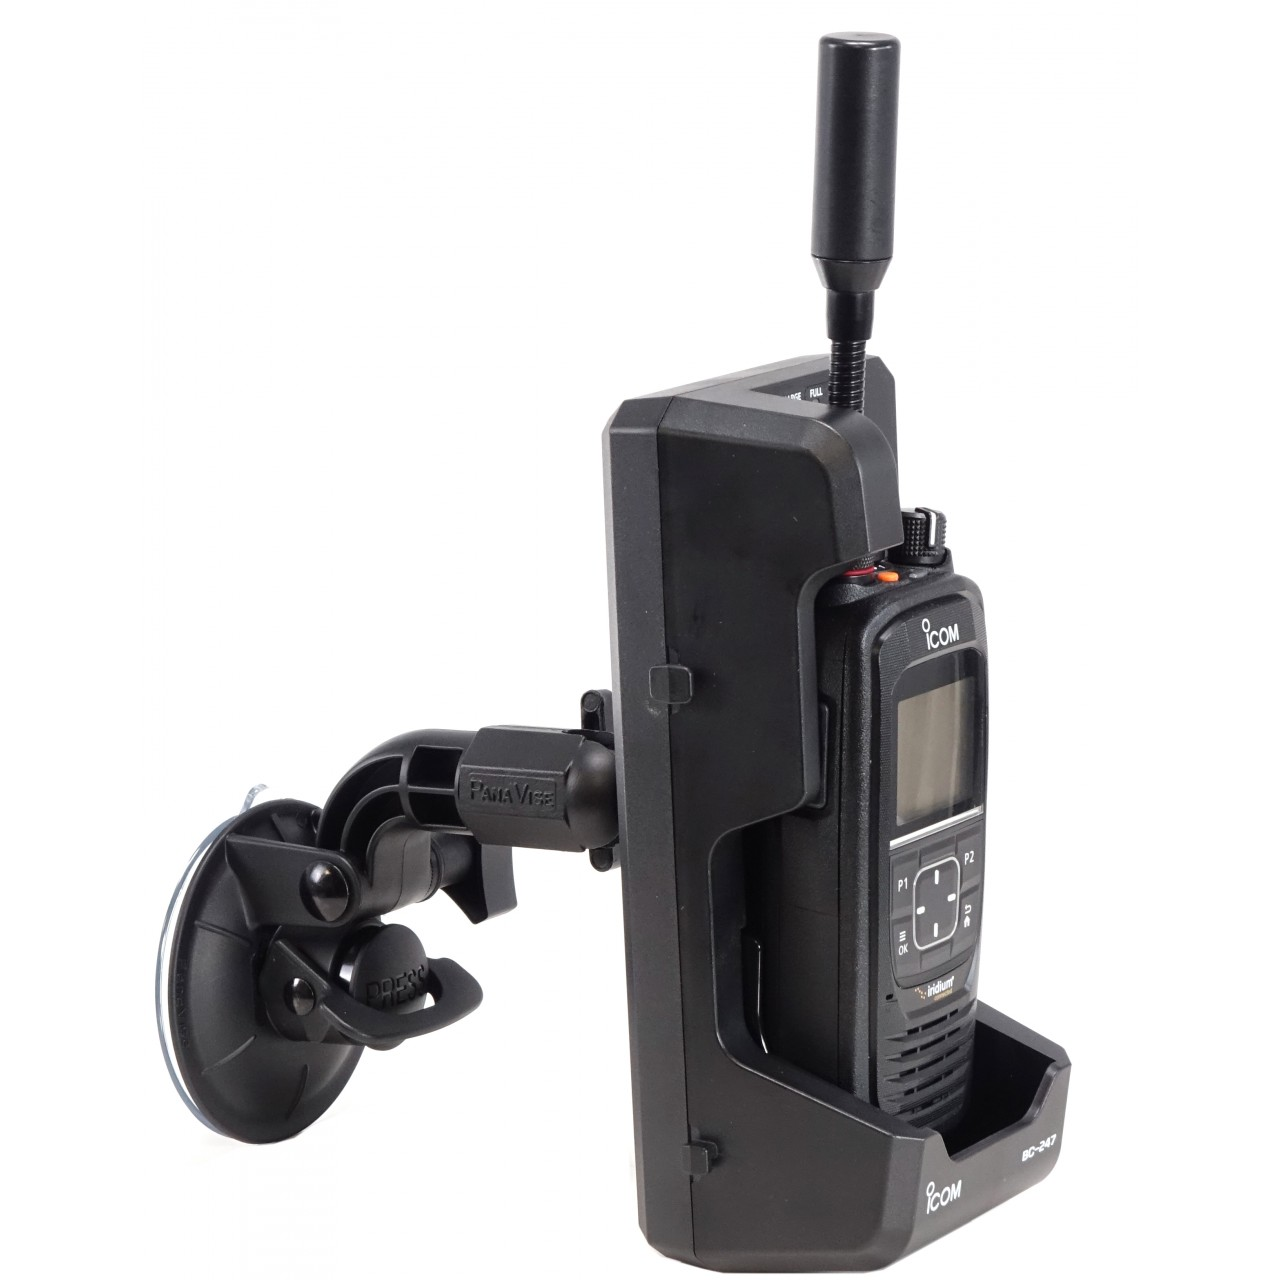 Support à ventouse pour chargeur BC-247. Présenté avec chargeur BC247 et IC-SAT100